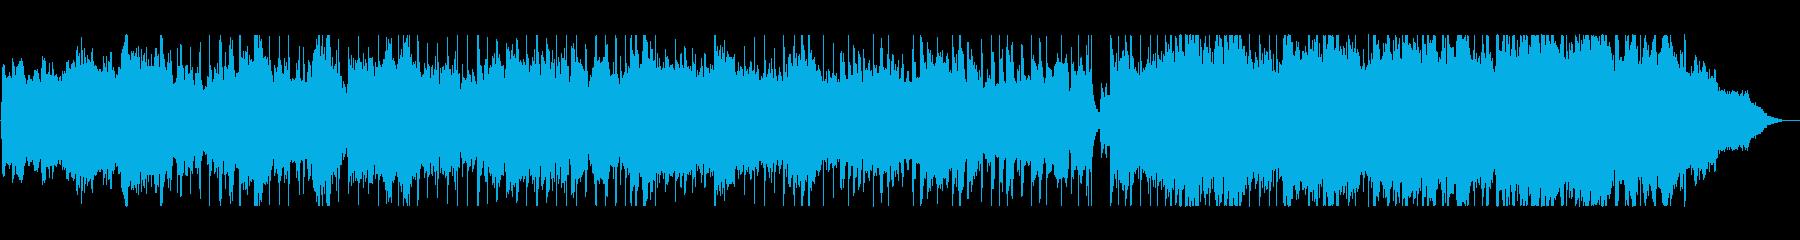 明るく広がりのある壮大なシンセサイザー曲の再生済みの波形